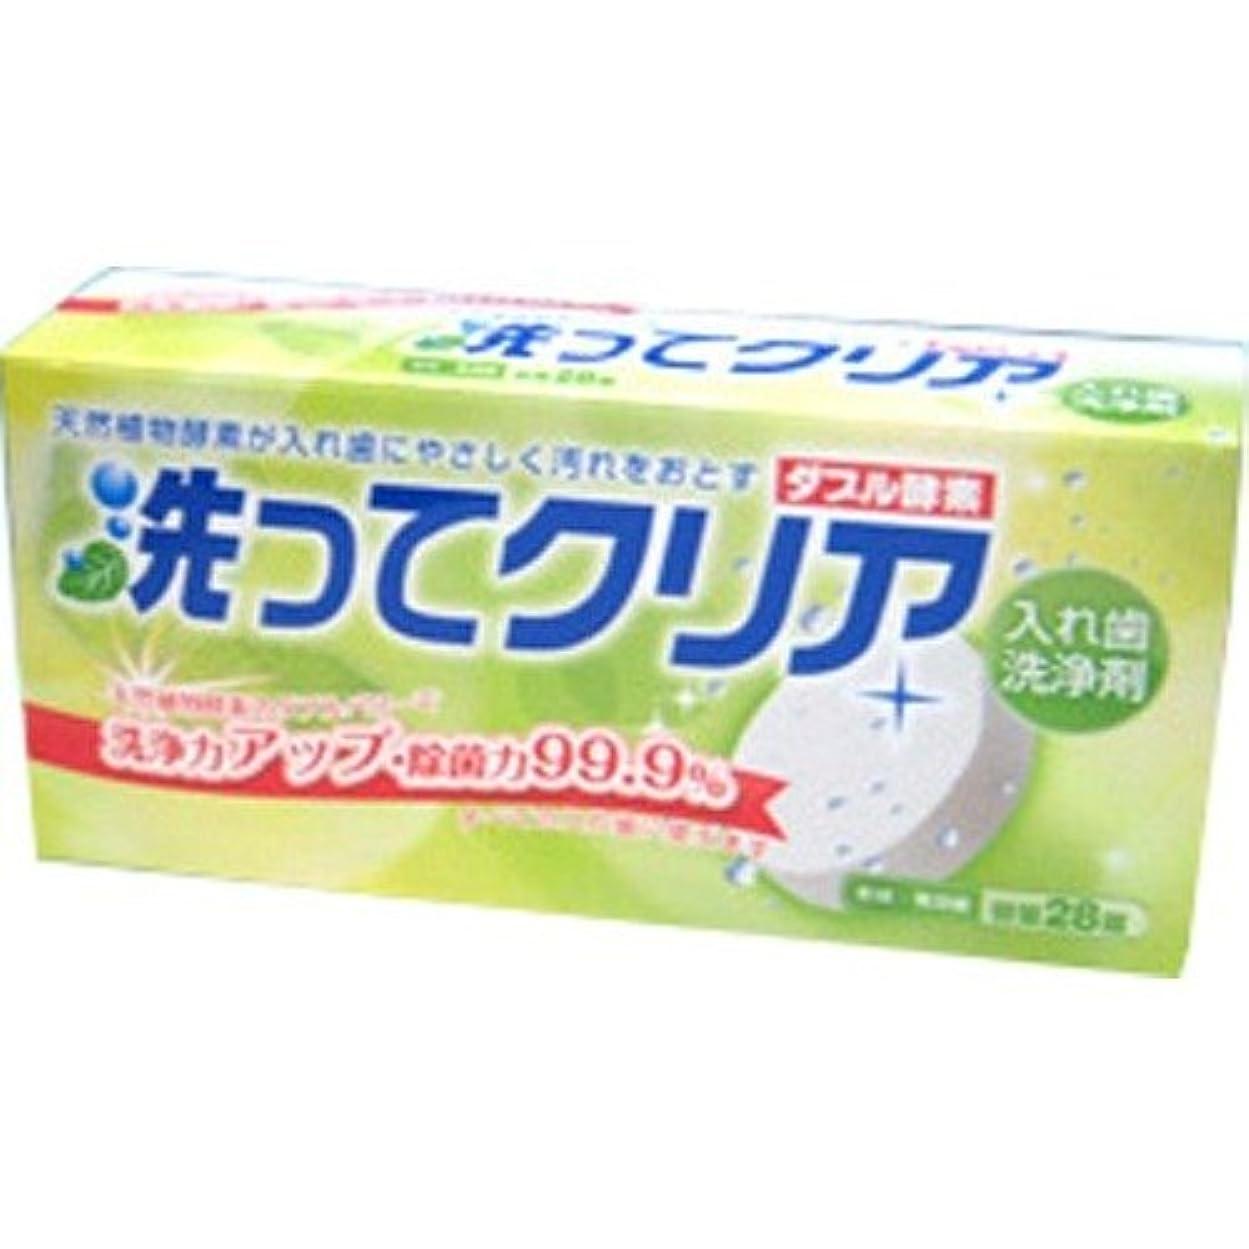 メタン蛇行致命的な東伸洋行株式会社 洗ってクリア ダブル酵素 28錠 入れ歯洗浄剤